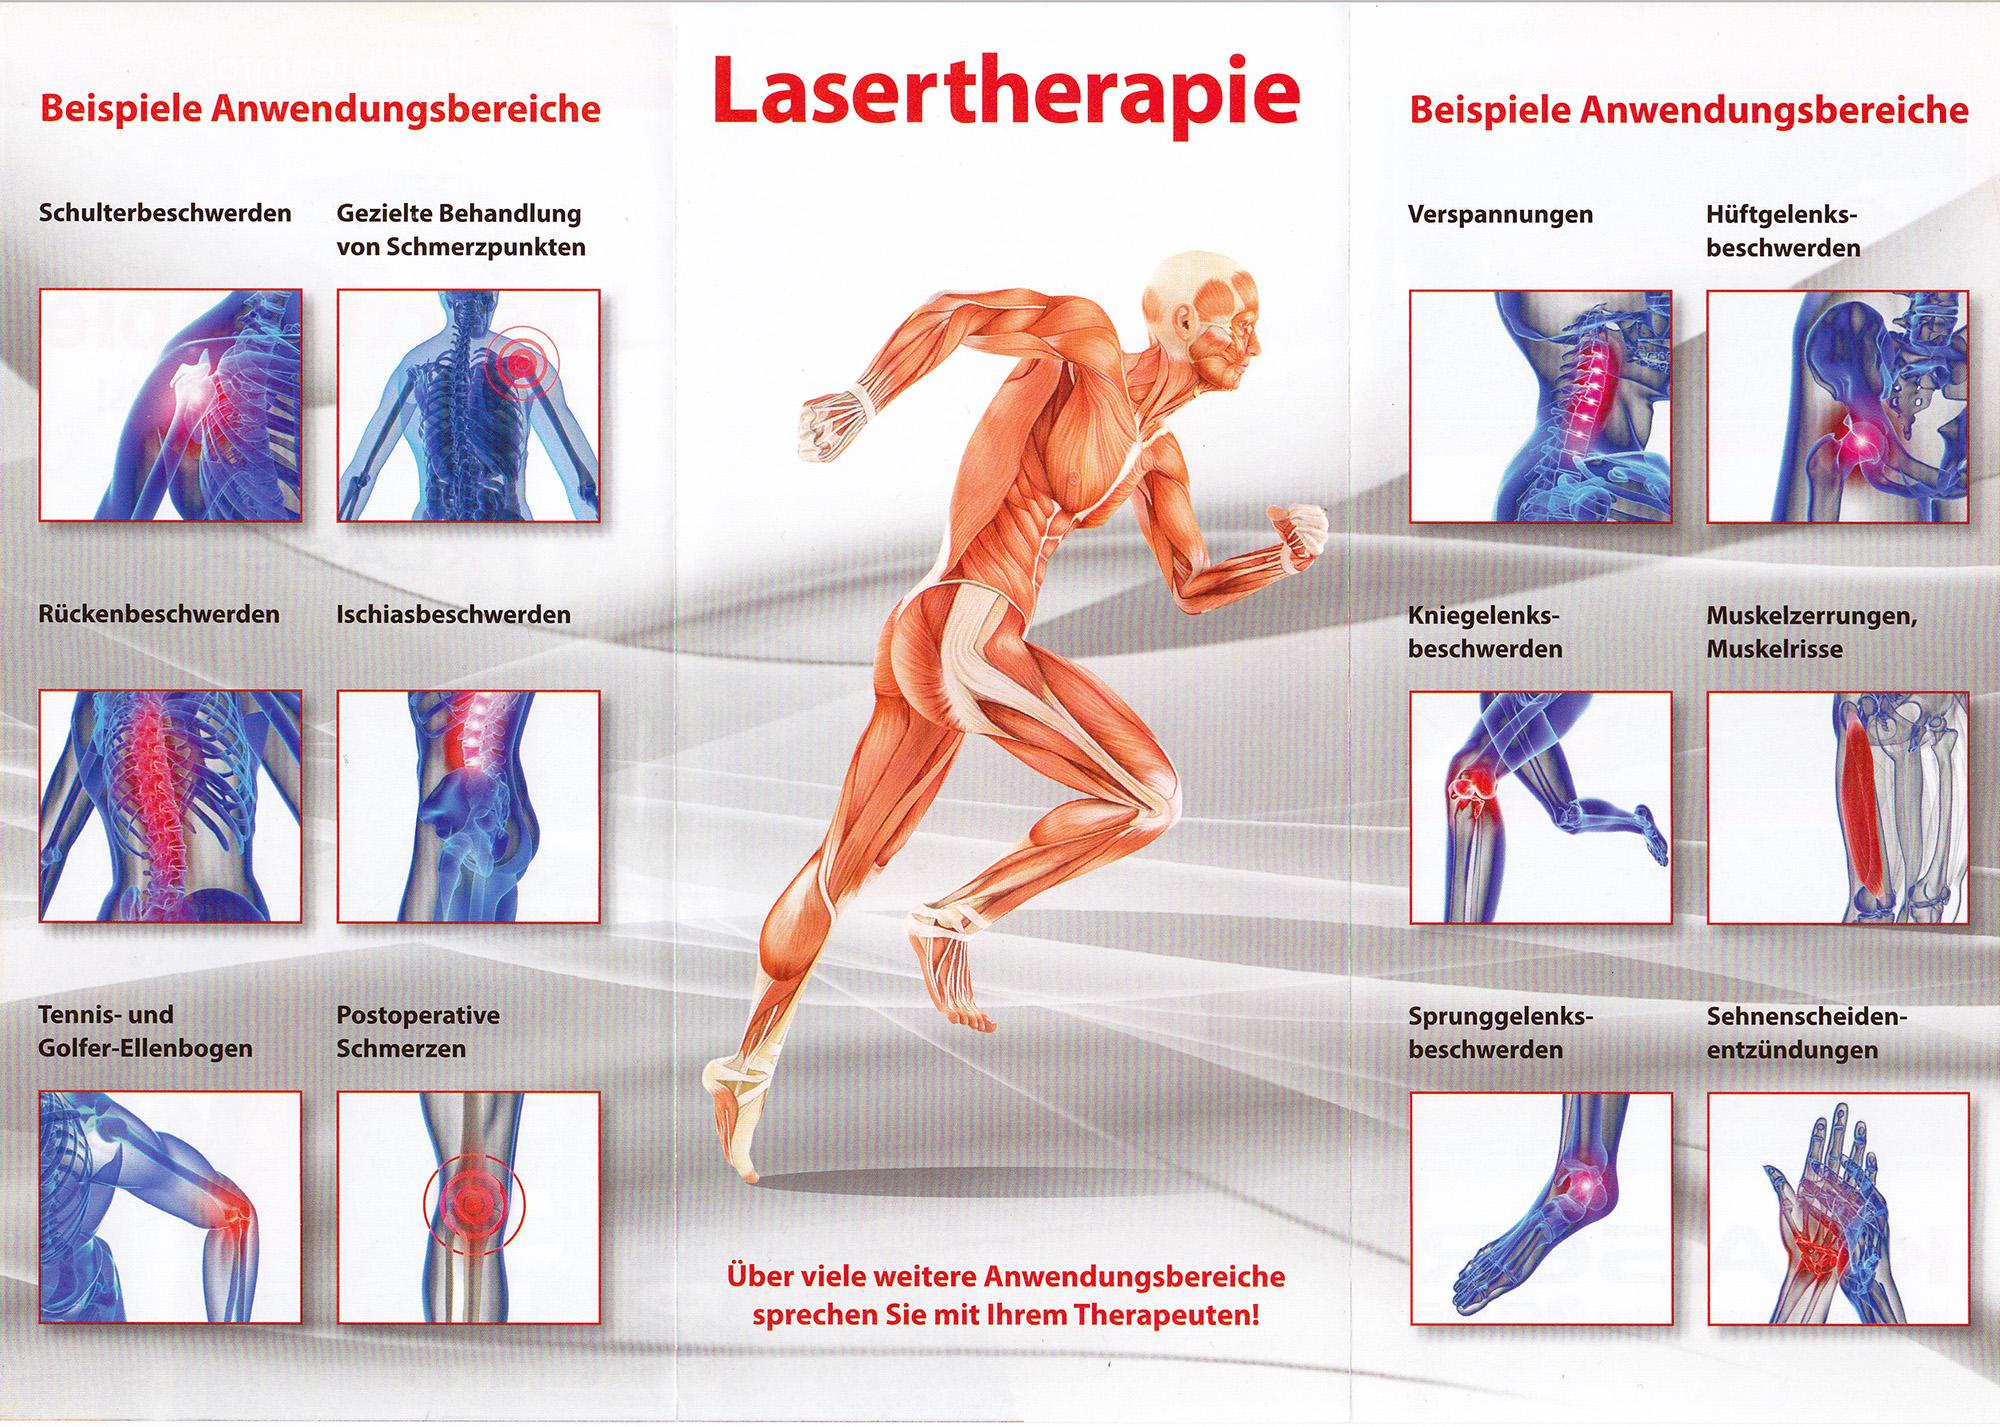 Anwendungsgebietete_K Laser